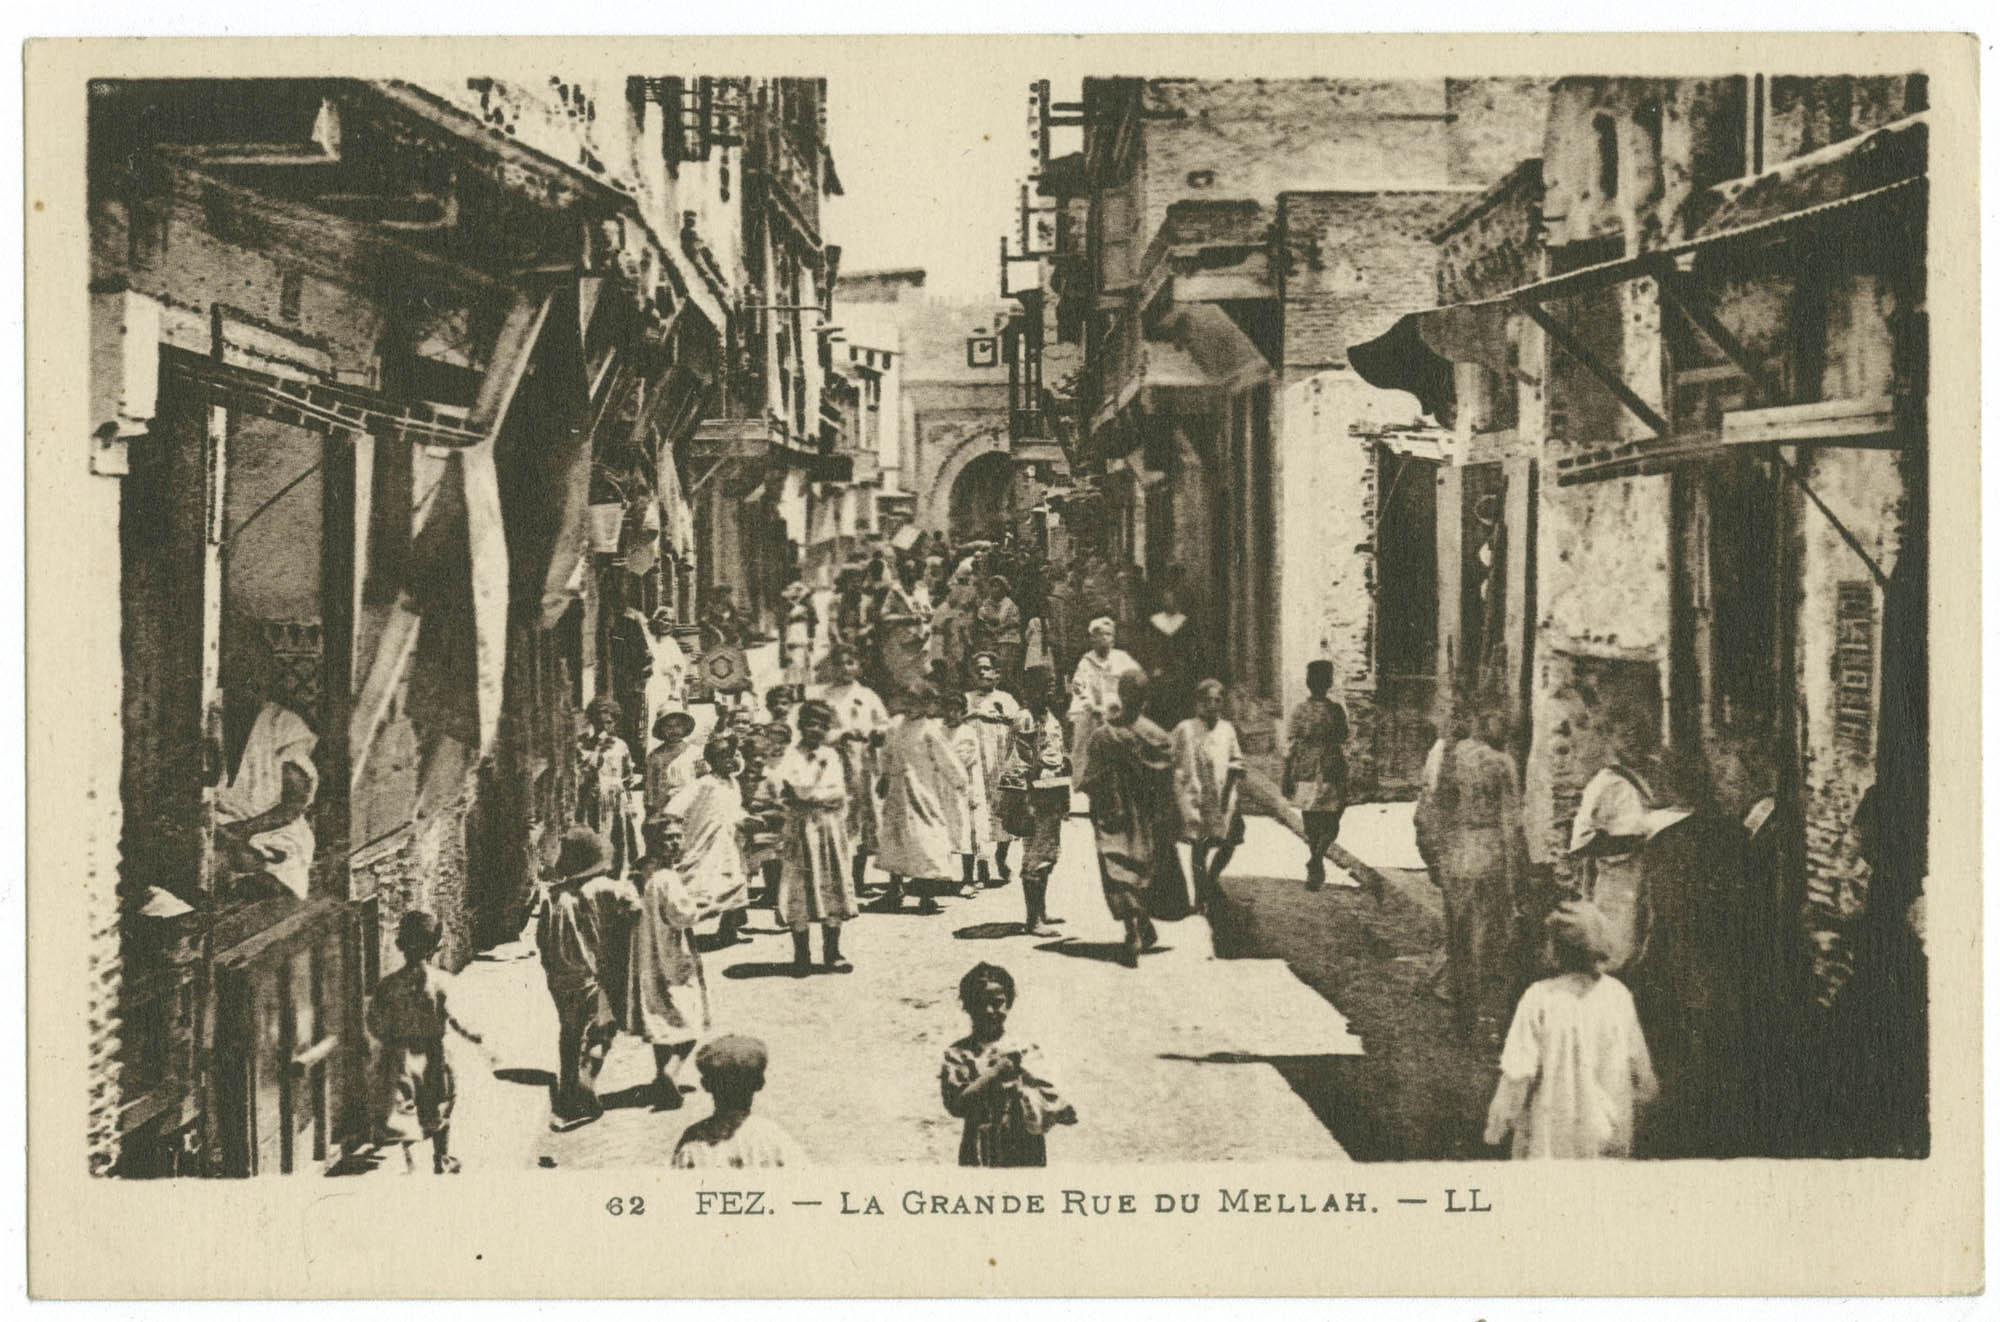 Fez. - La Grande Rue du Mellah.